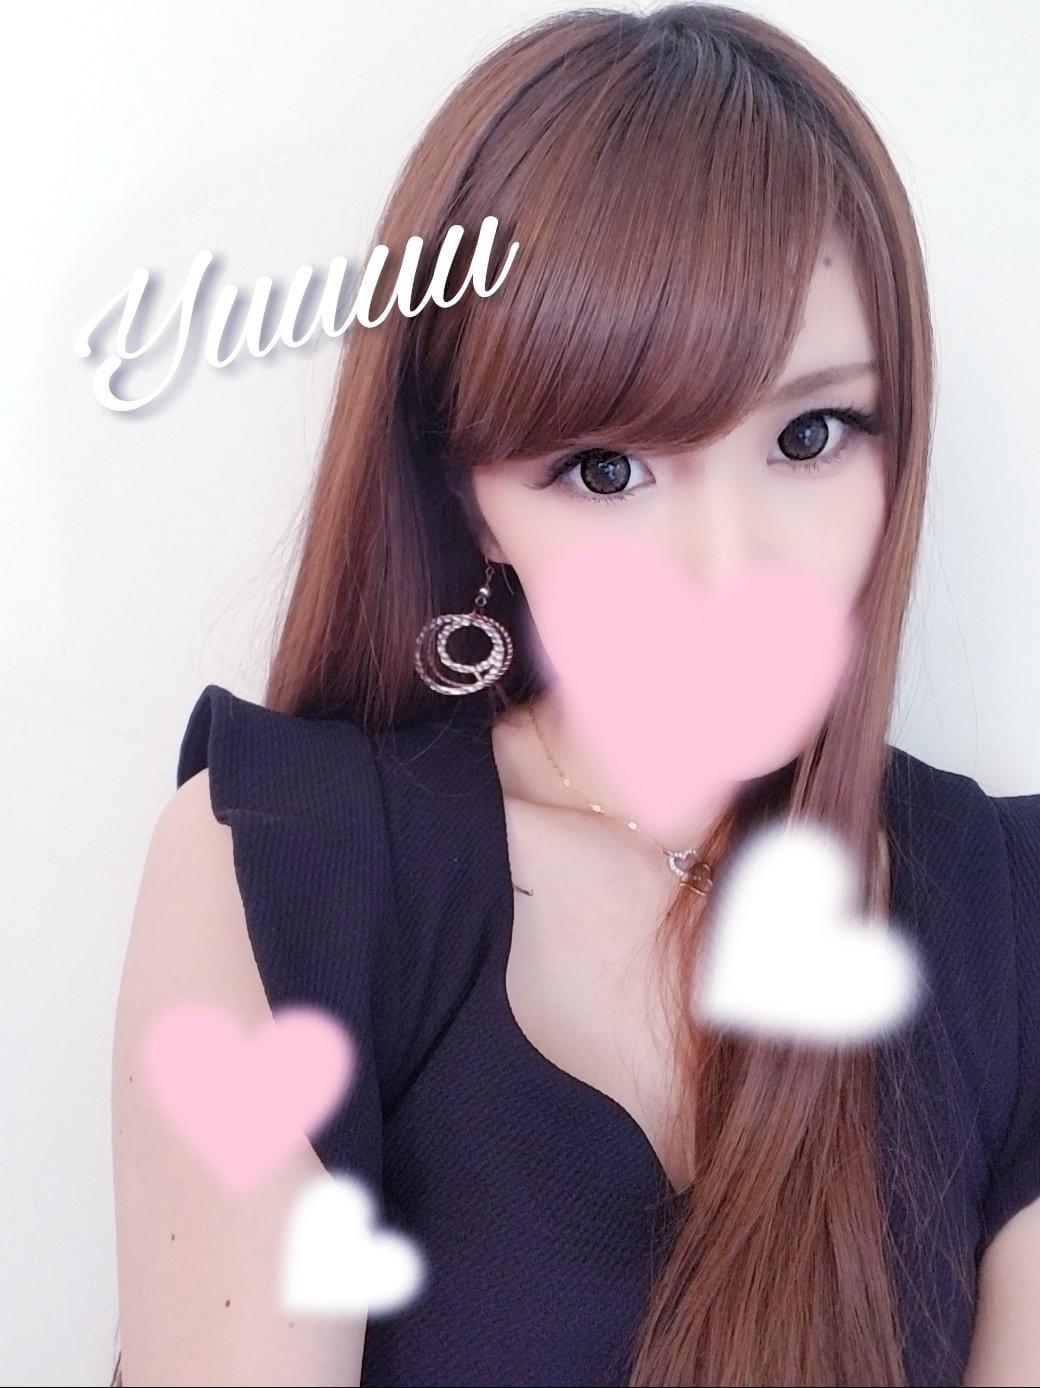 「♡Yuuuu♡」07/15(07/15) 19:04 | 優羽(ゆう)の写メ・風俗動画